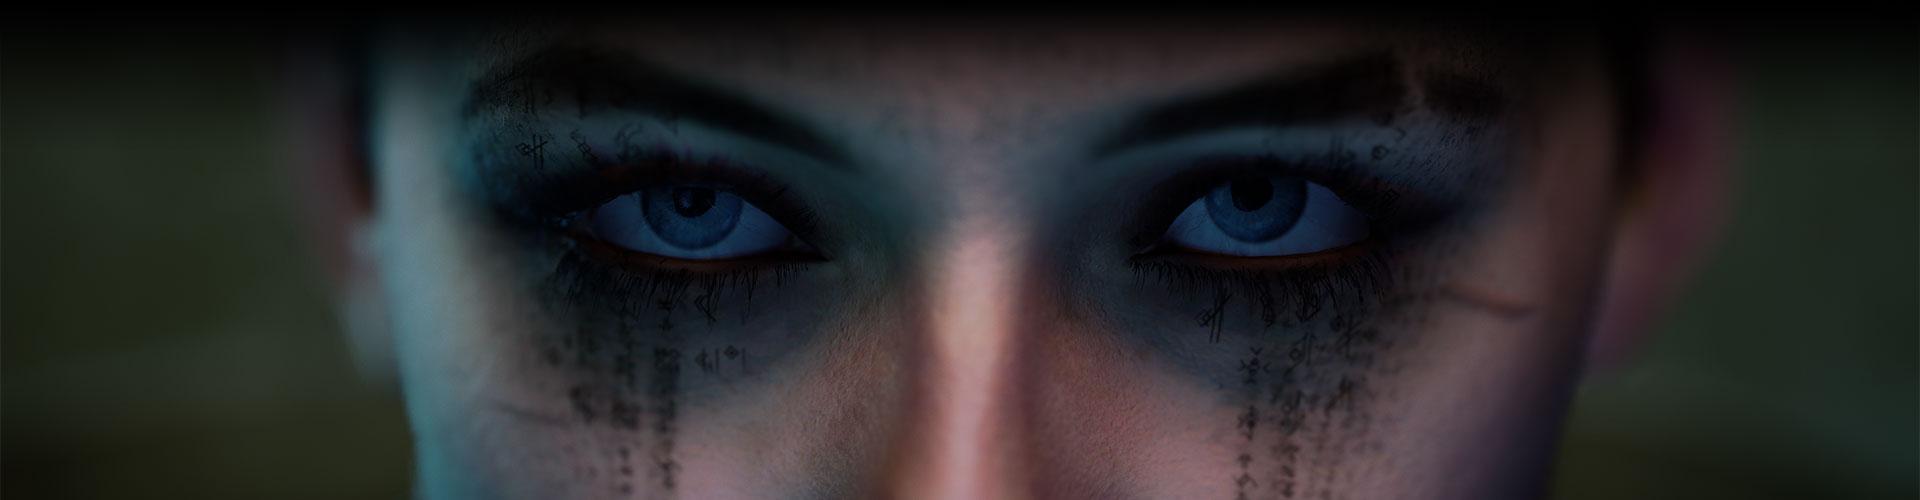 Η Nara κοιτάζει μπροστά με μαύρες μουτζούρες γύρω από τα μάτια της.